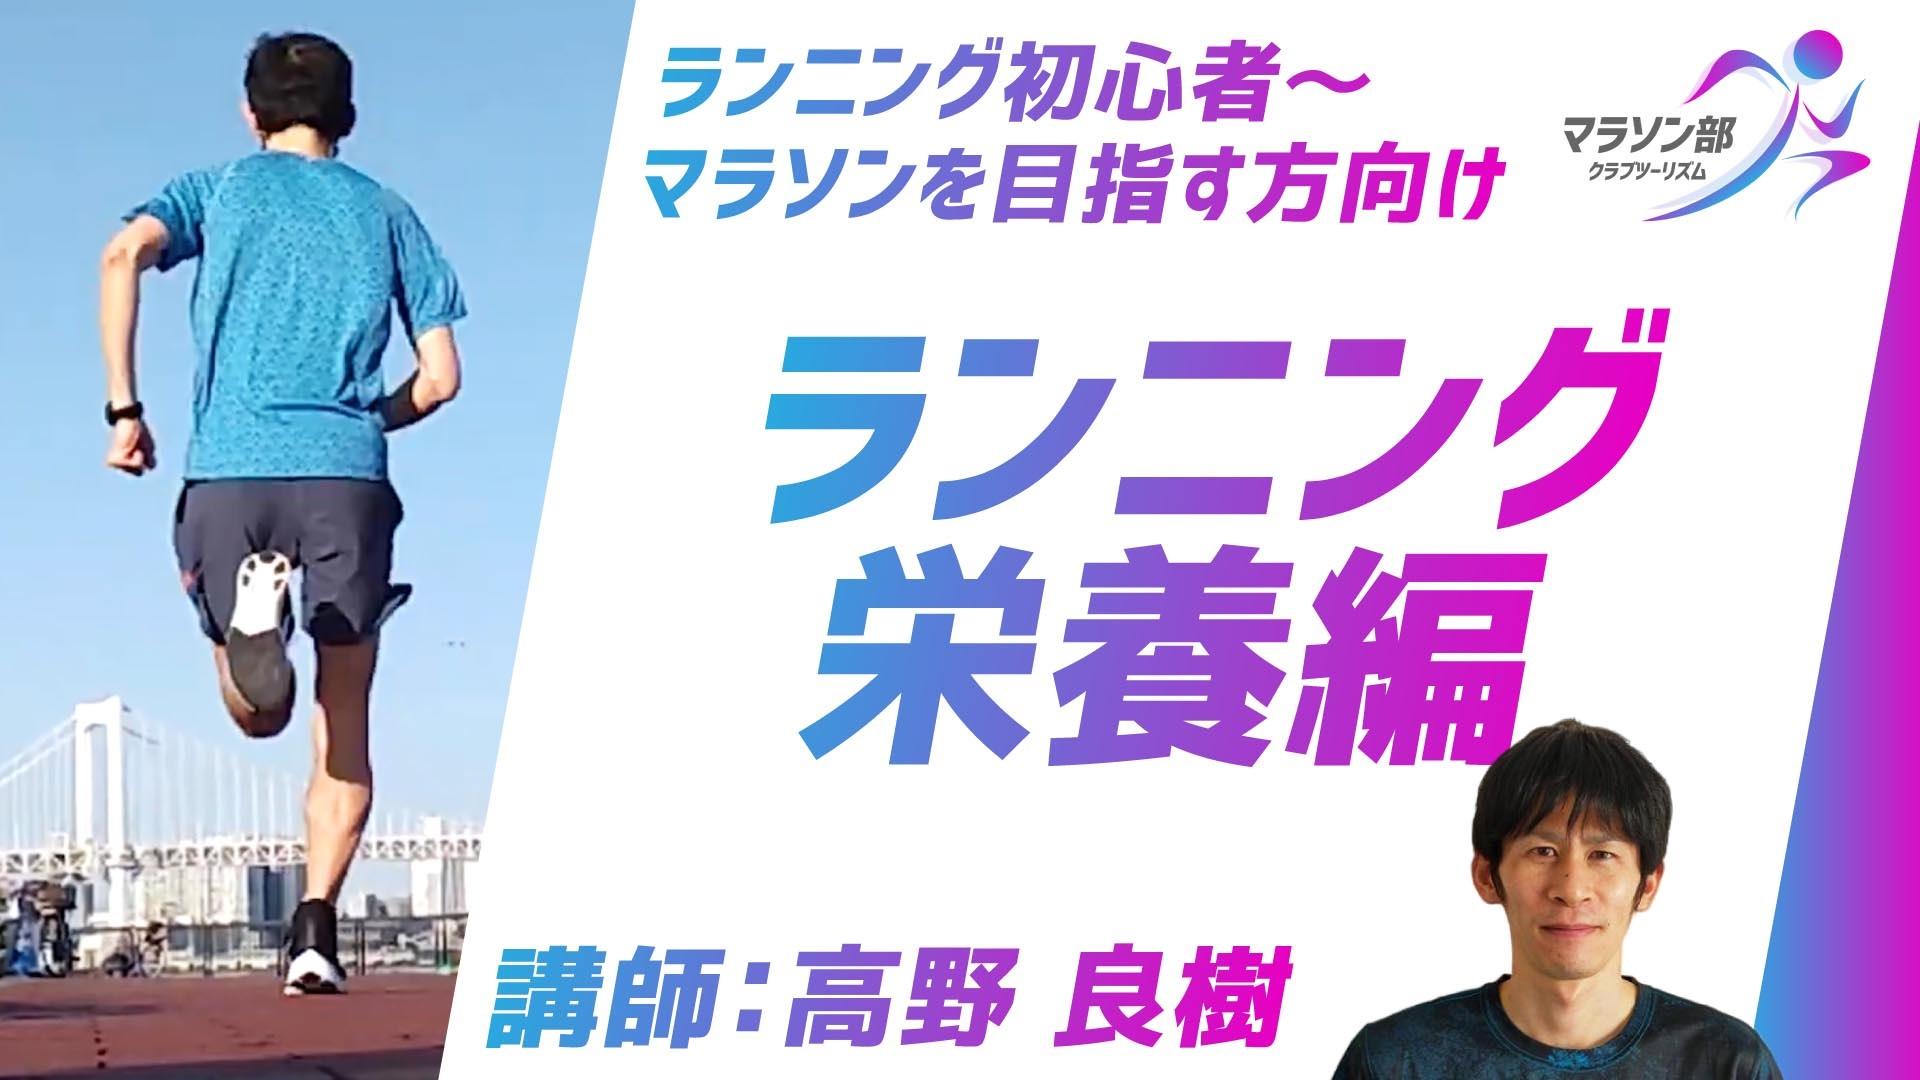 【マラソン】ランニング栄養編